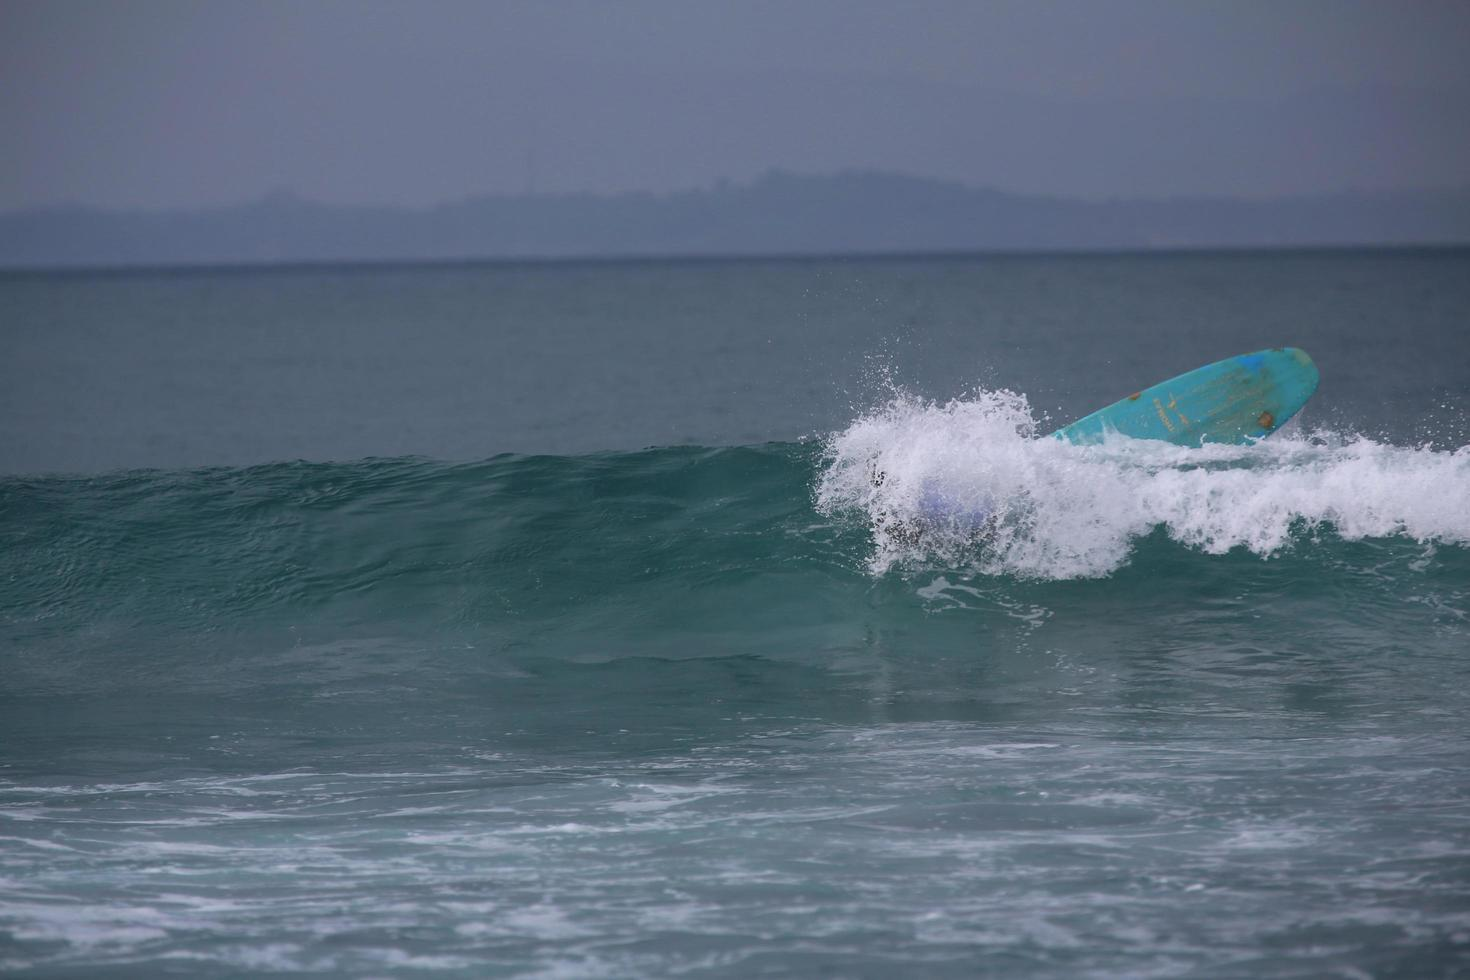 omgekeerde surfplank in de oceaan foto